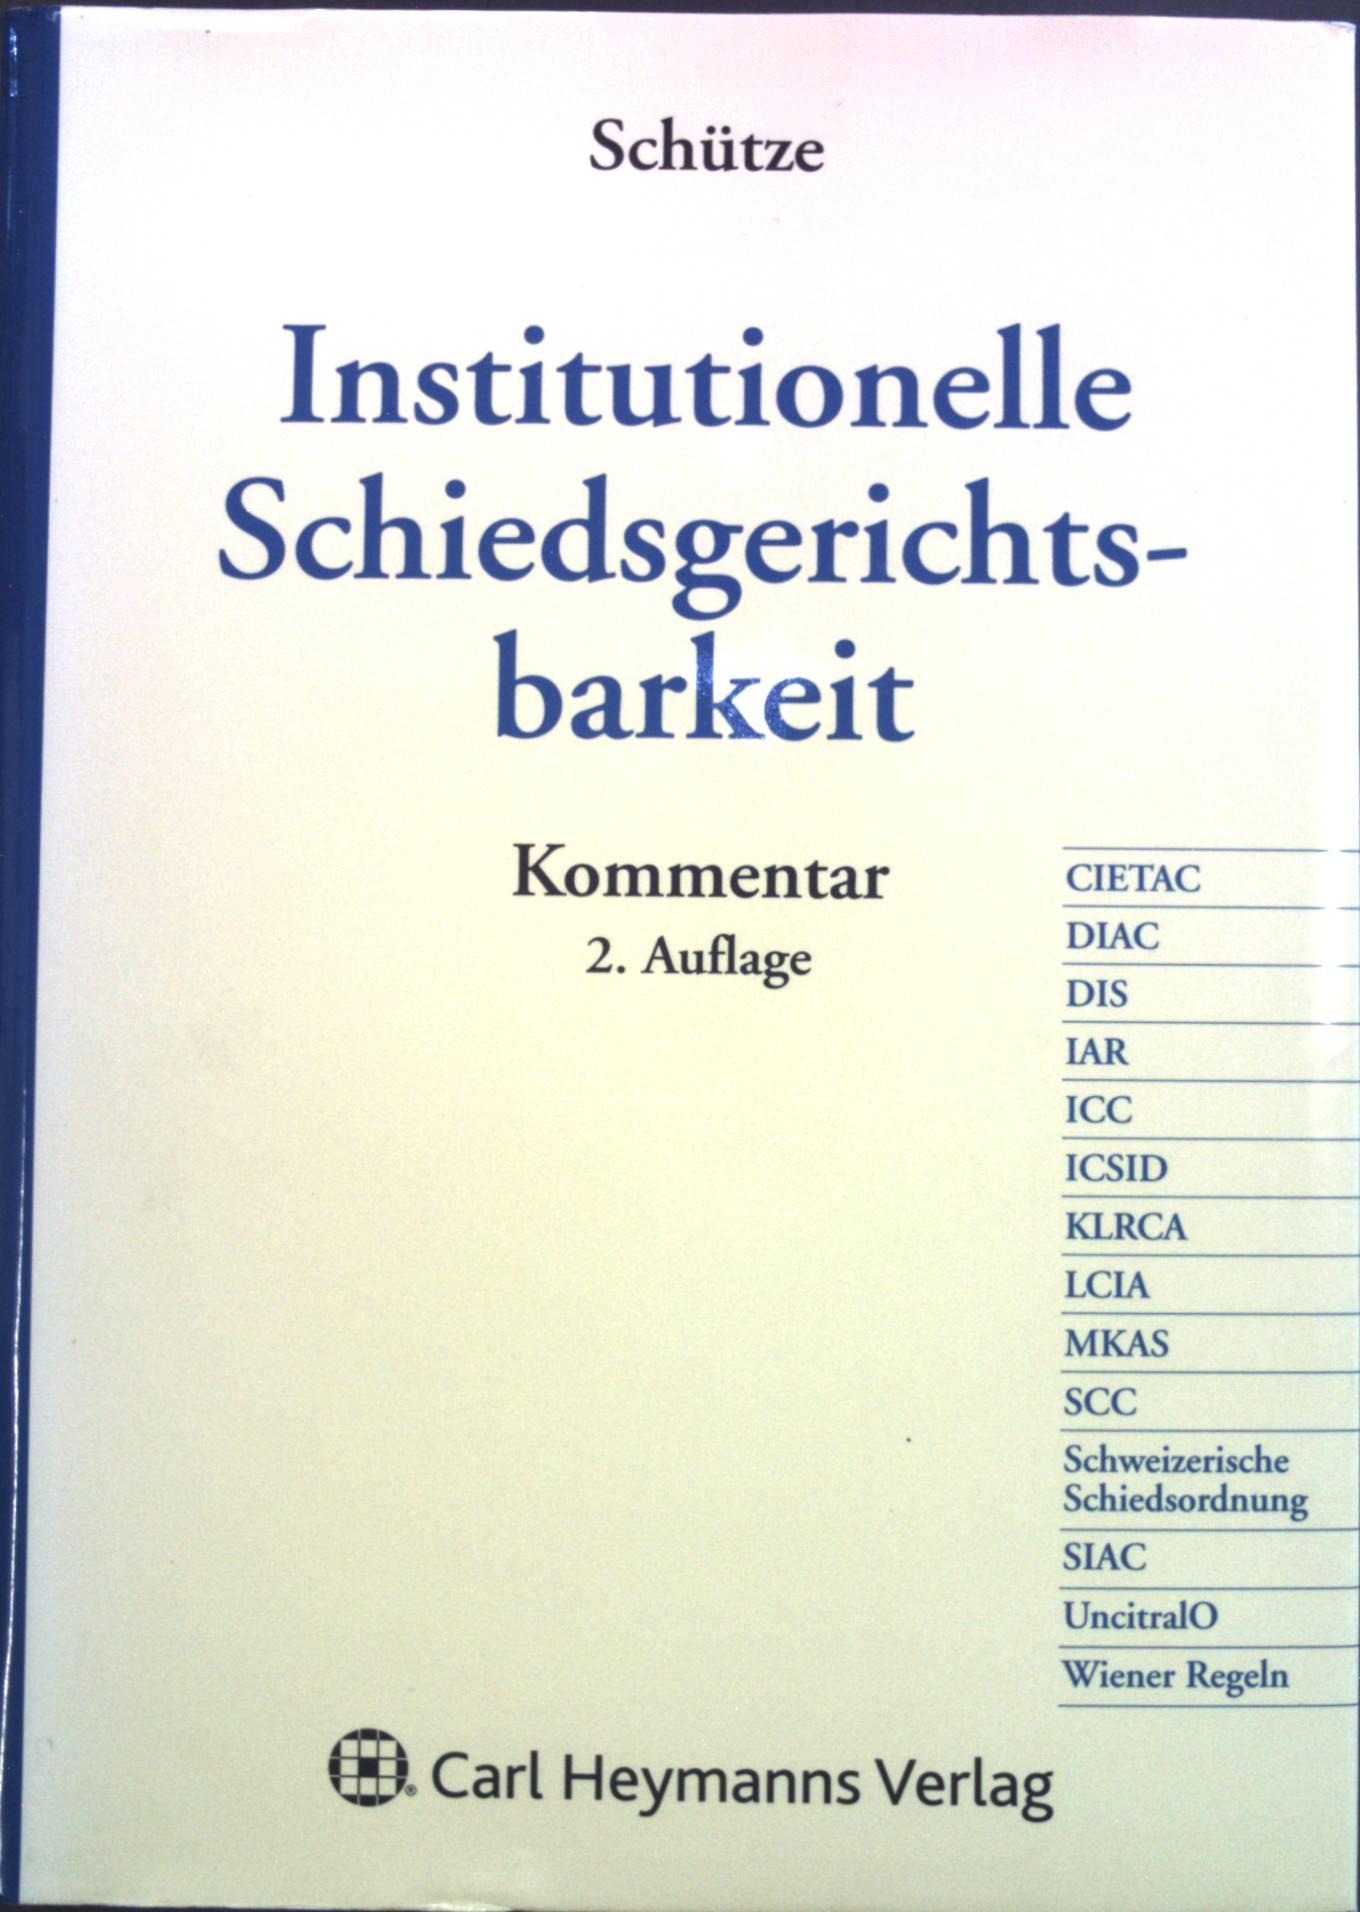 Institutionelle Schiedsgerichtsbarkeit : Kommentar. - Schütze, Rolf A. und Richard Happ